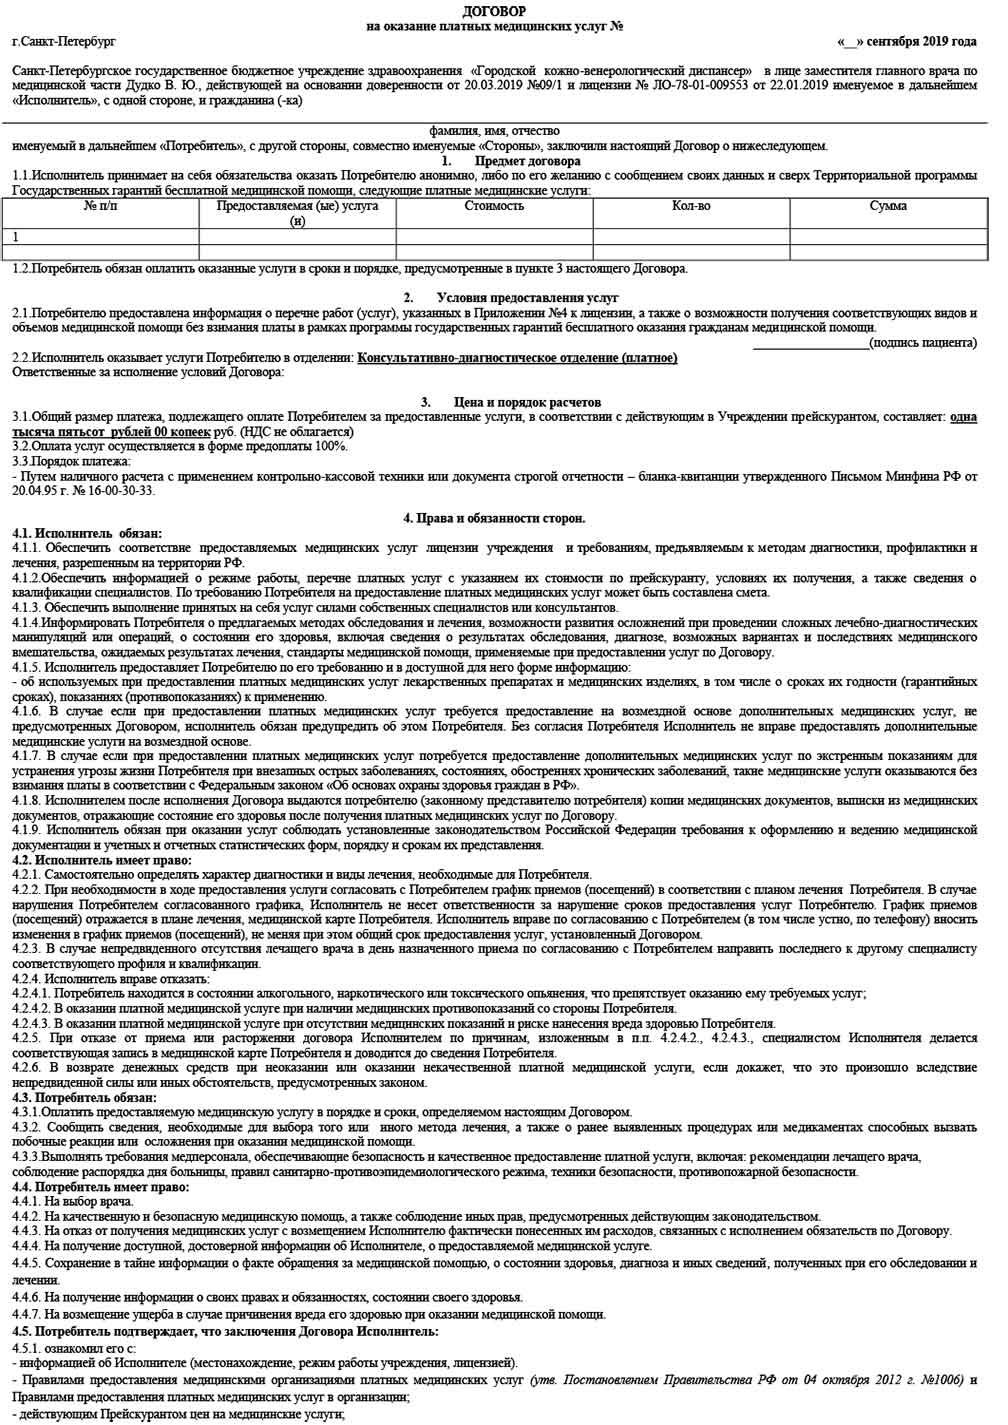 договор на предоставление платных медицинских услуг образец